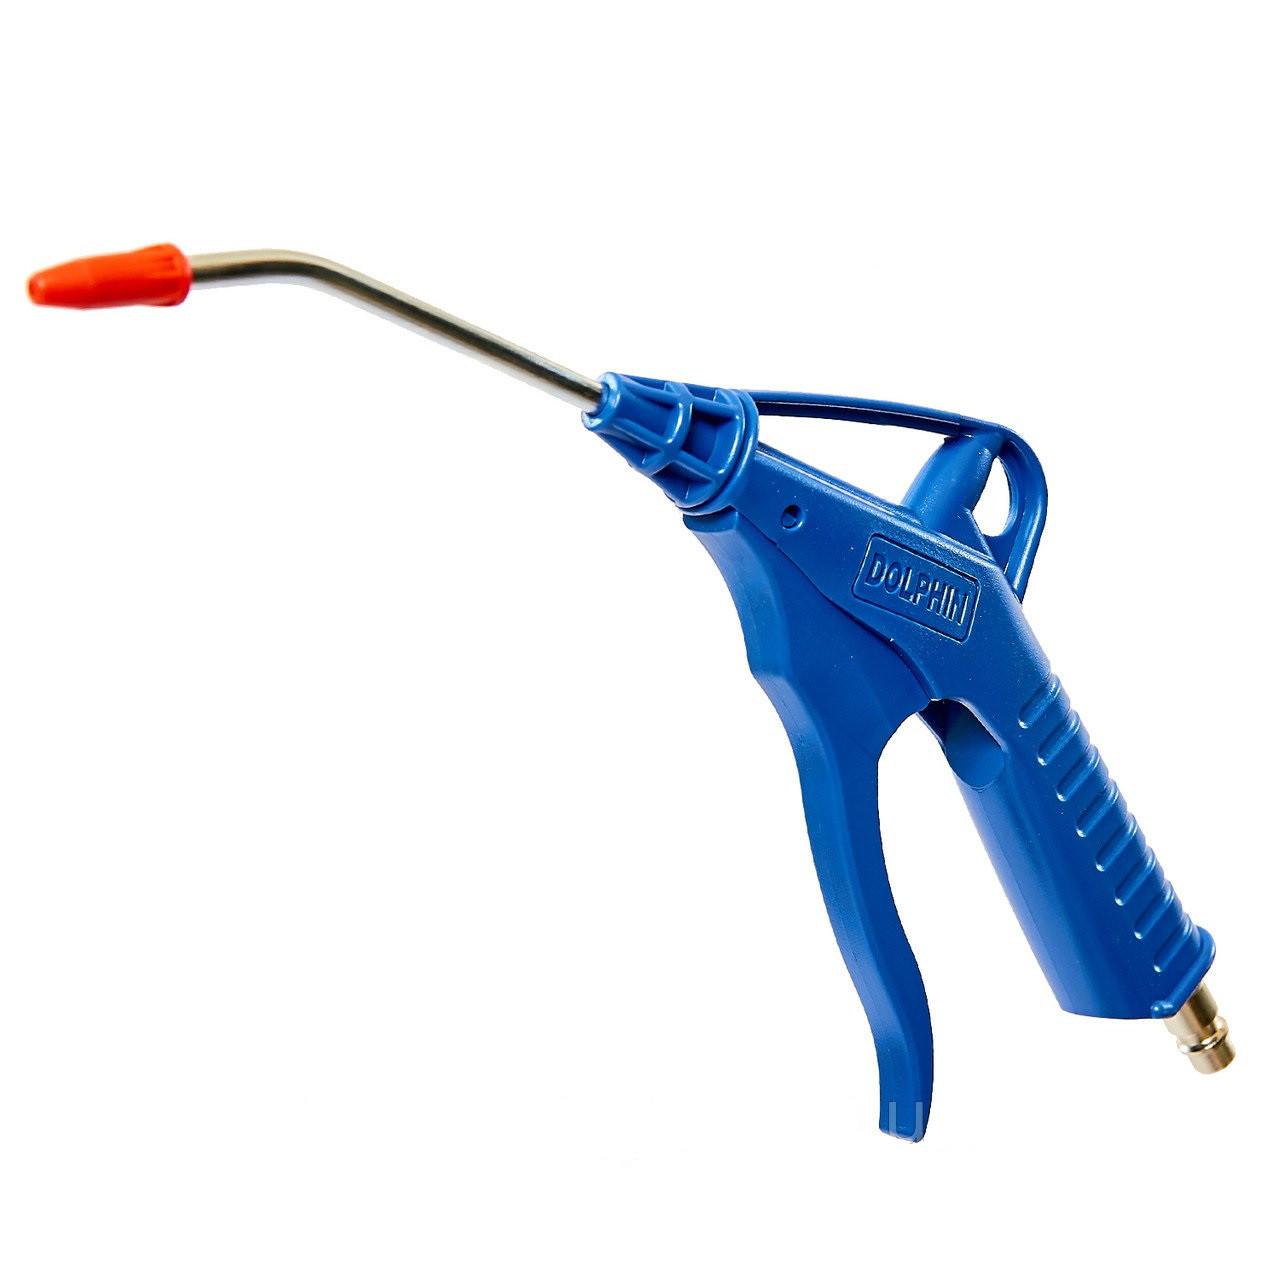 Продувочный пистолет с быстросъемной муфтой для компрессора Dolphin